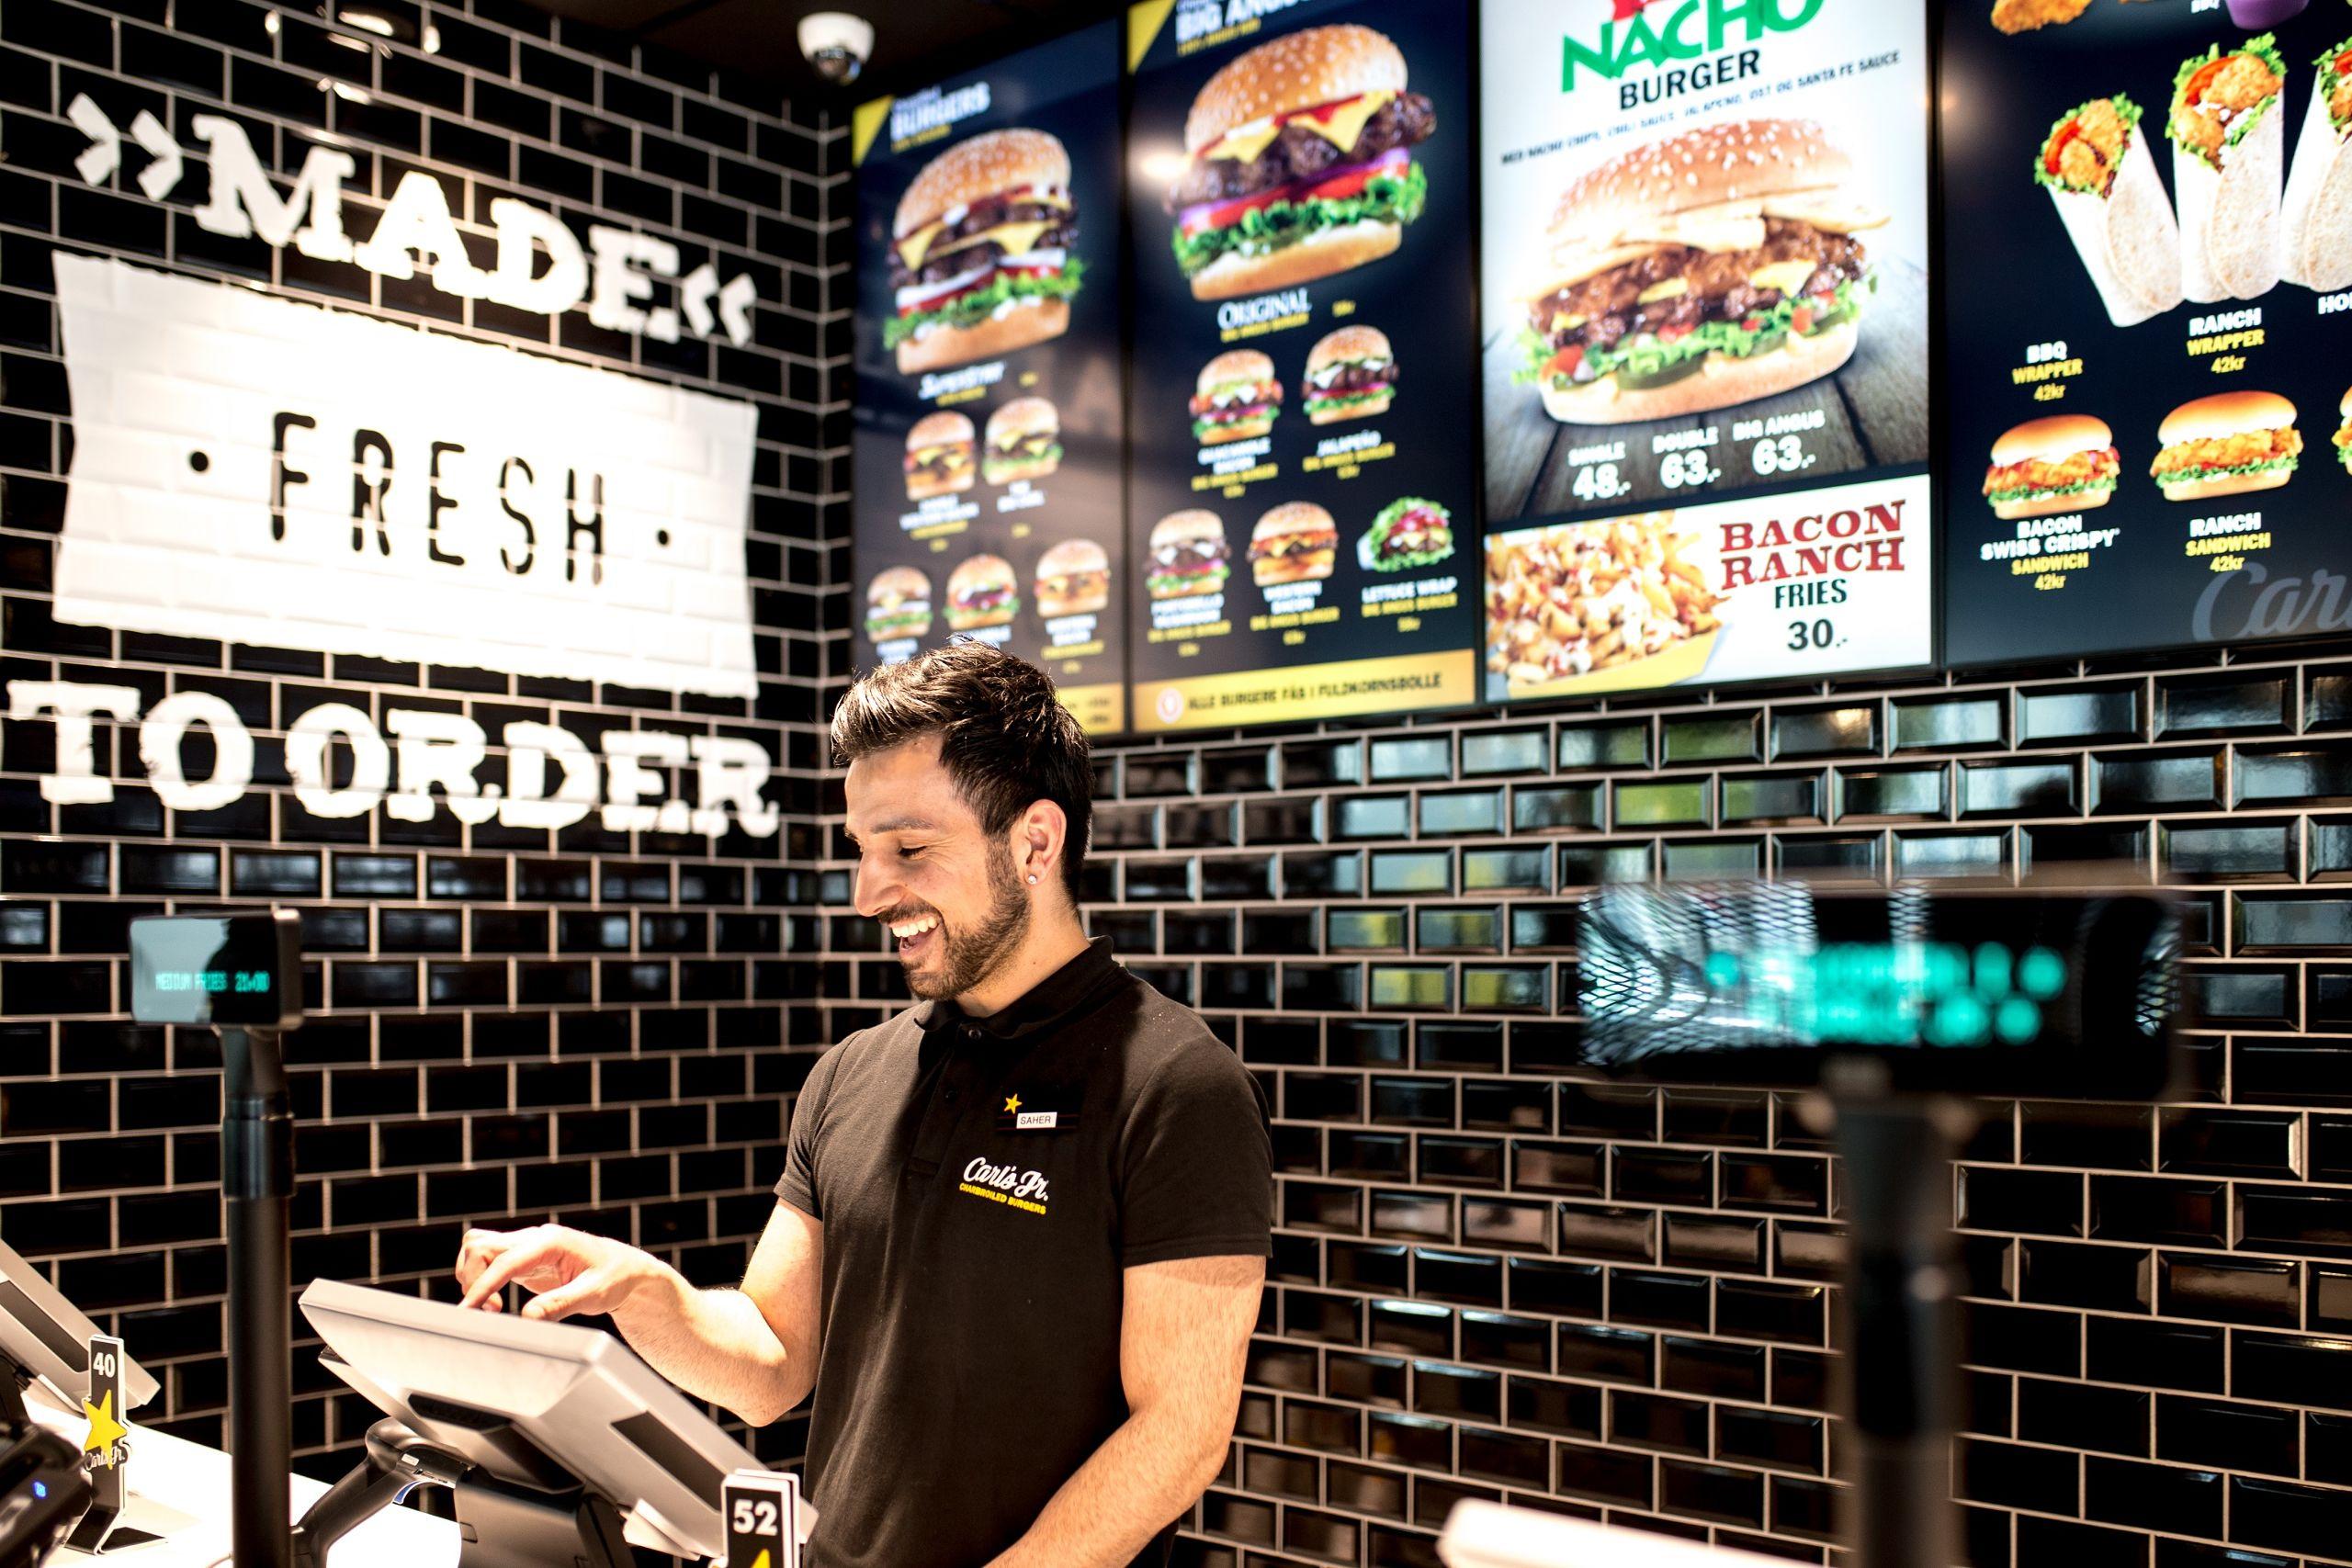 Få et års forbrug af burgere: Carl's Jr. åbner den nye butik i Aalborg